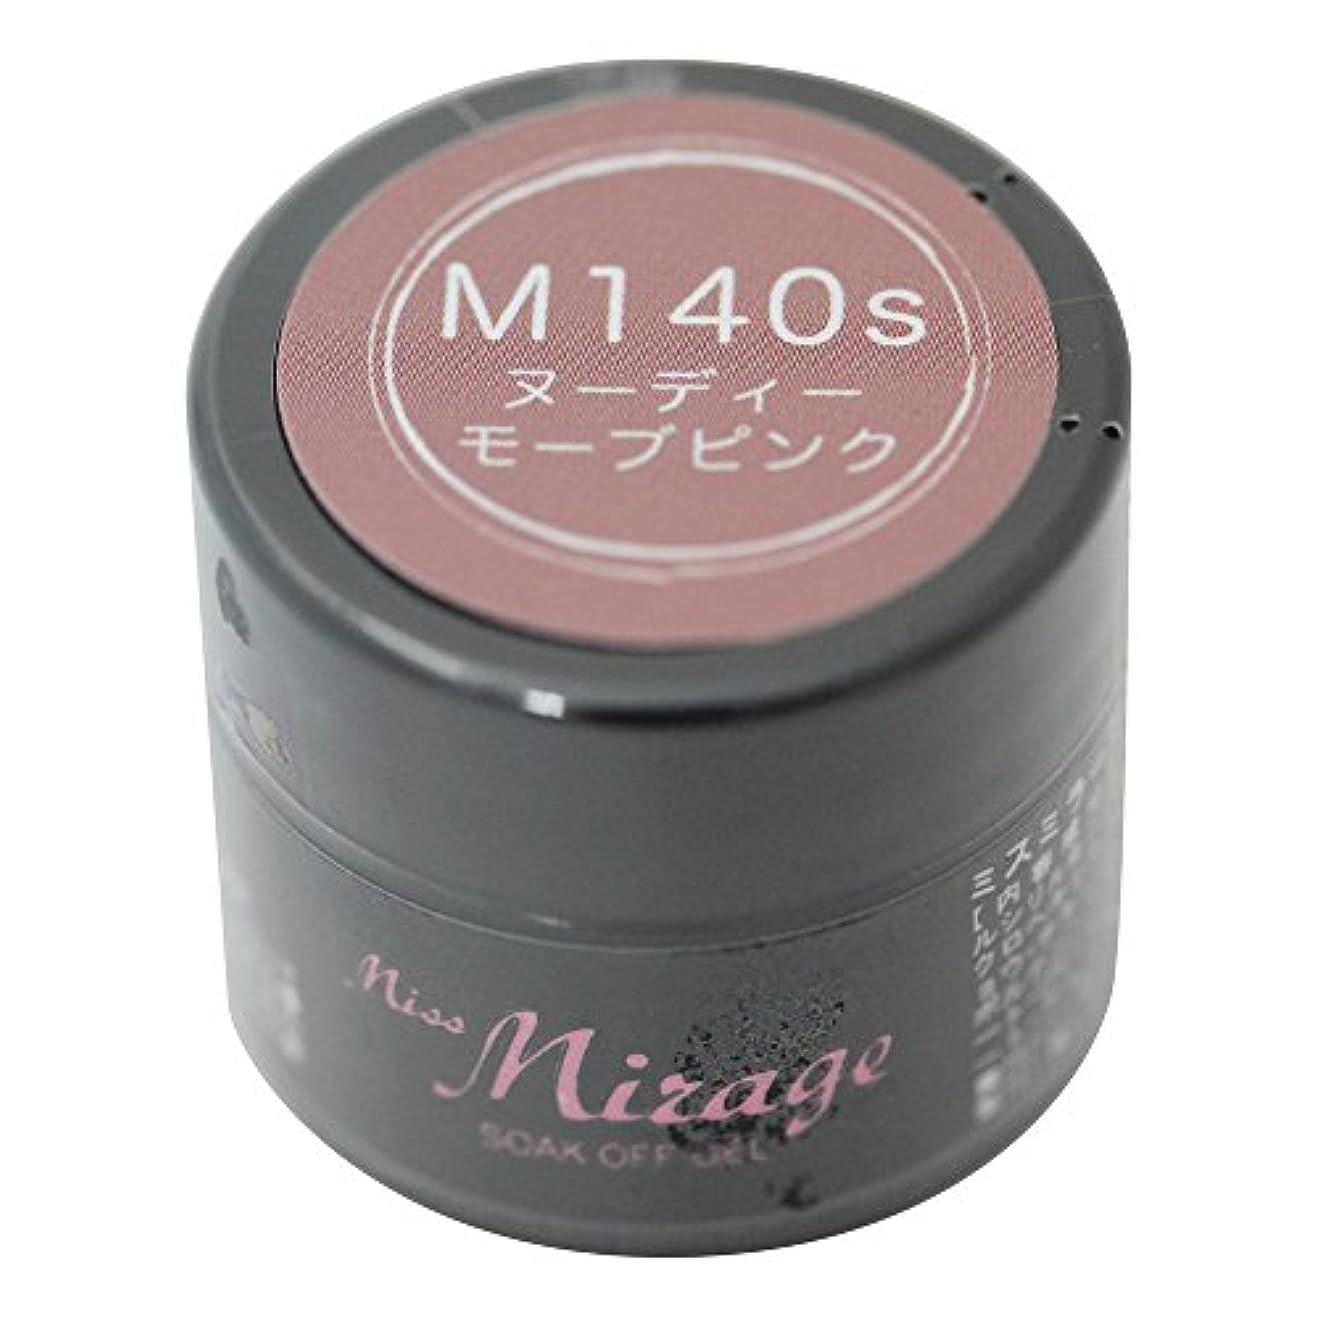 スタウト商人白いMiss Mirage M140S ヌーディーモーブピンク 2.5g UV/LED対応タイオウ